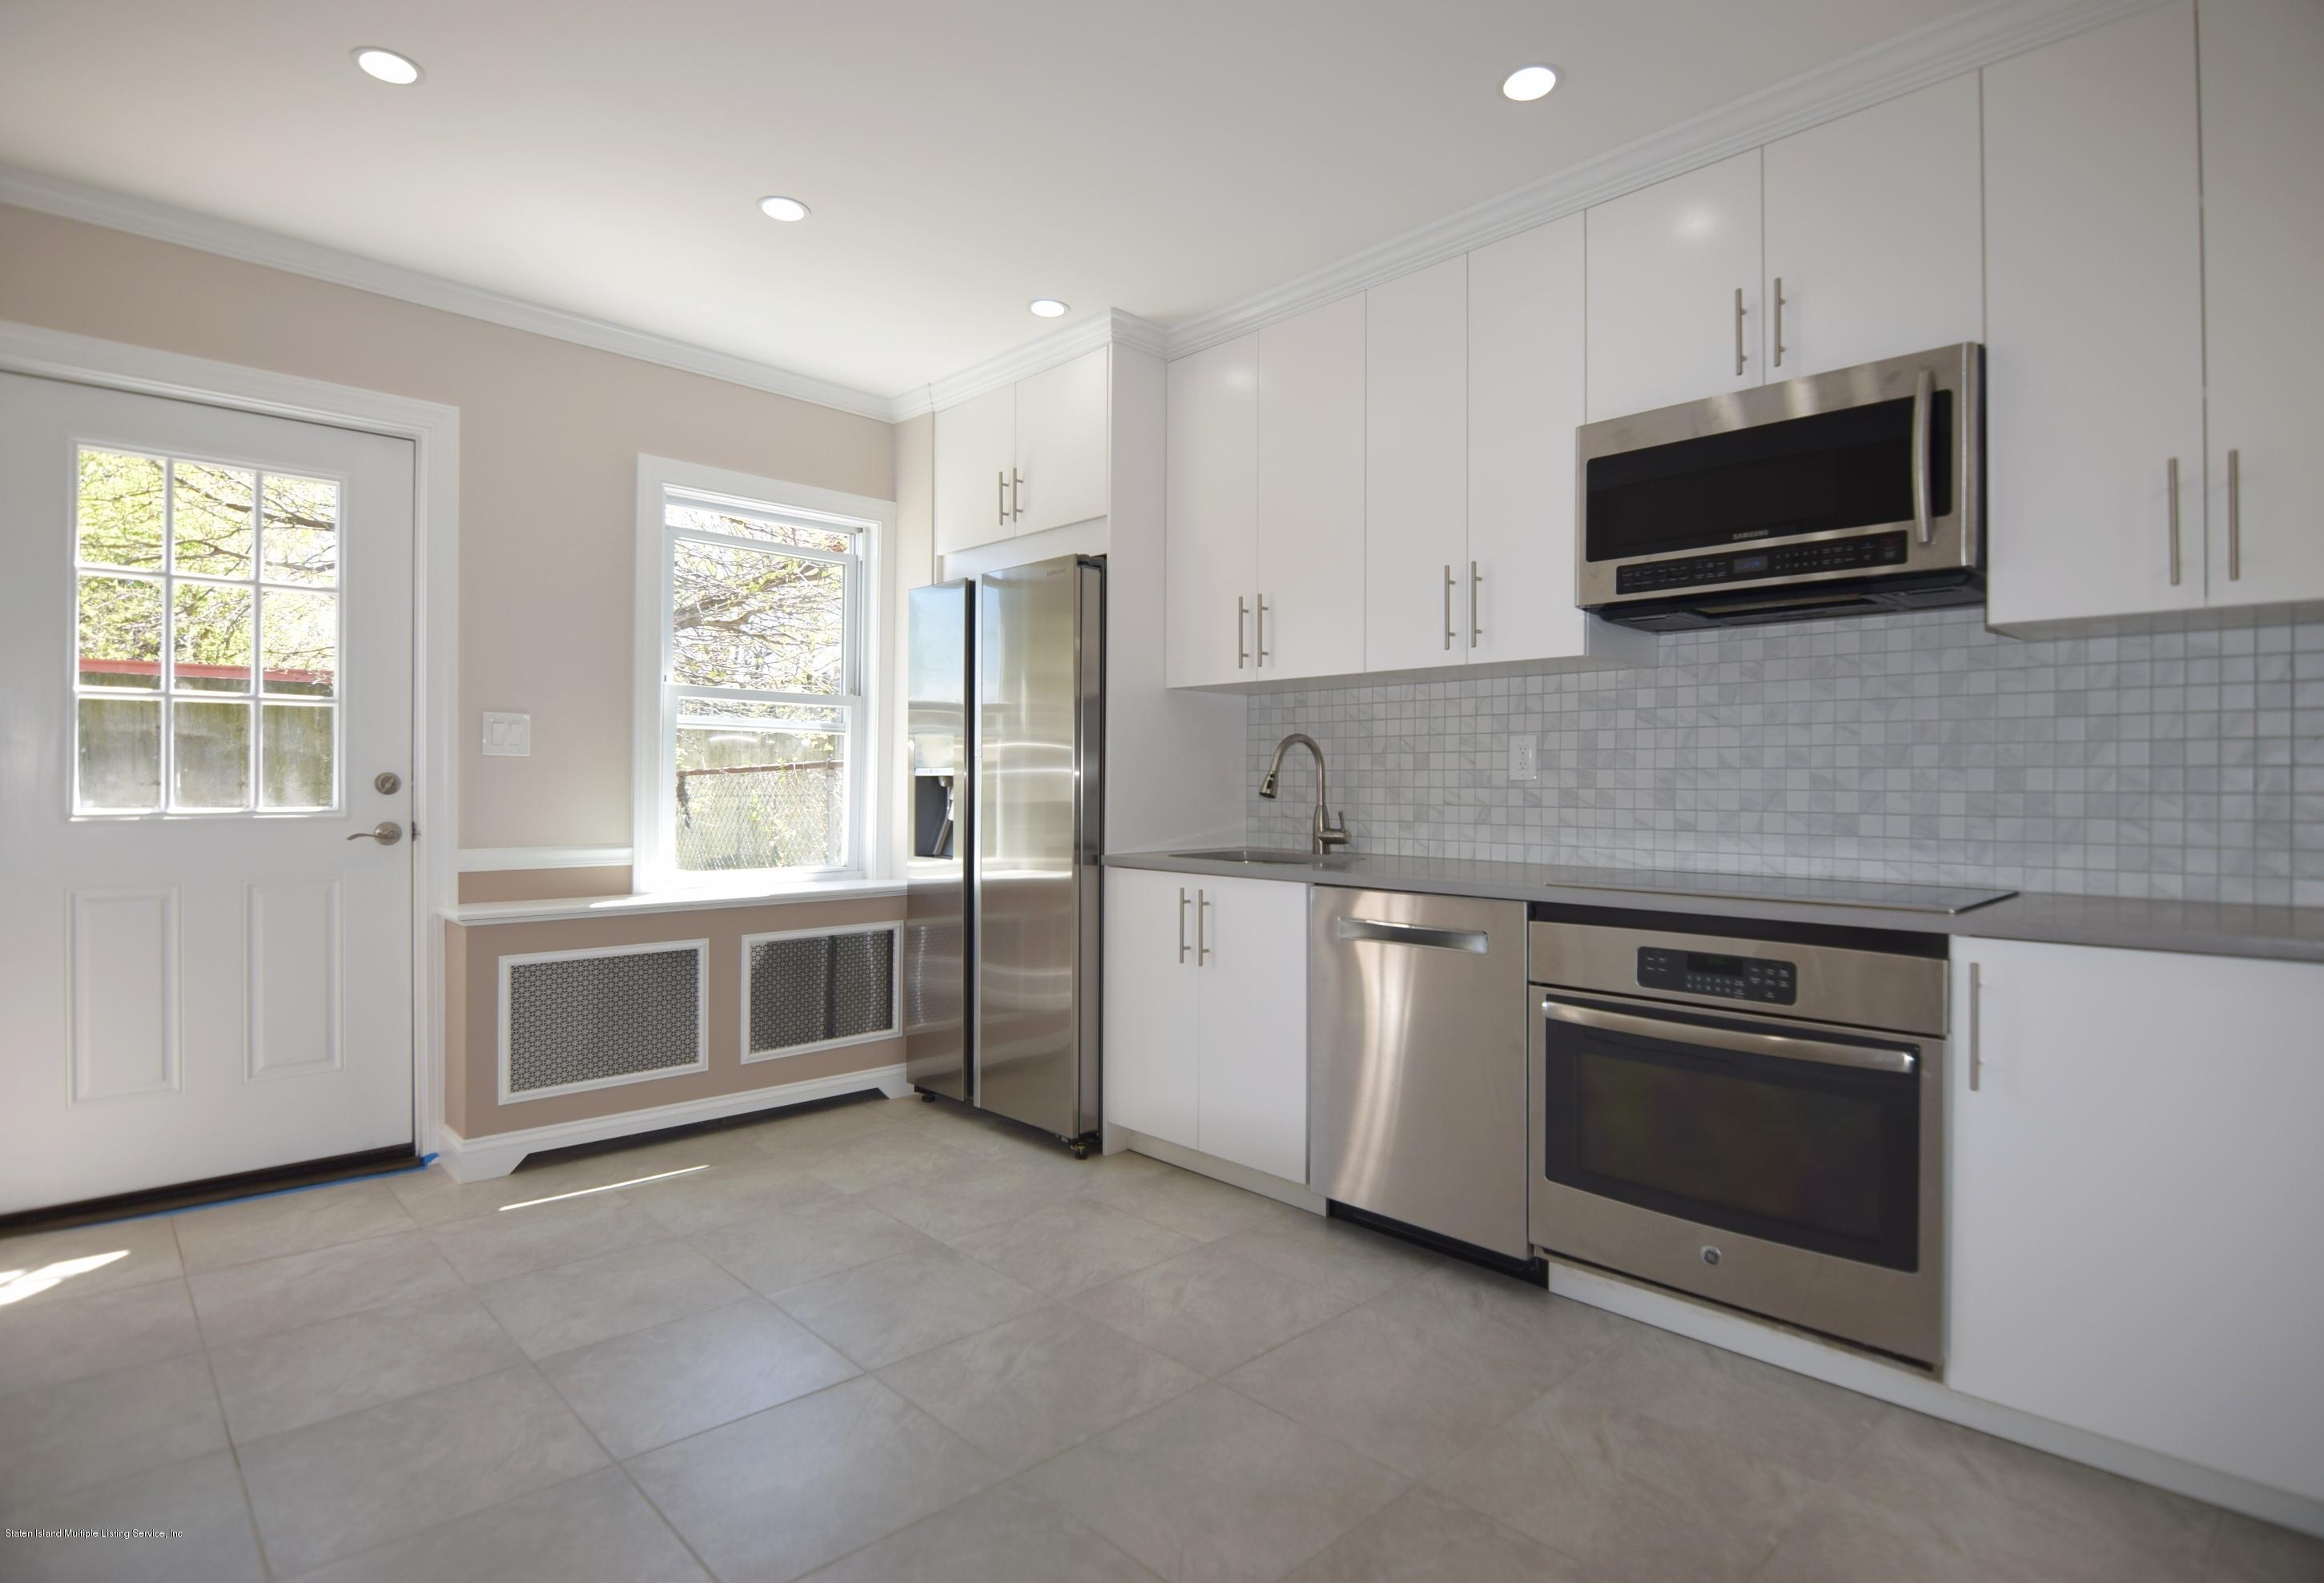 Single Family - Detached 55 Park Avenue  Staten Island, NY 10302, MLS-1128331-13